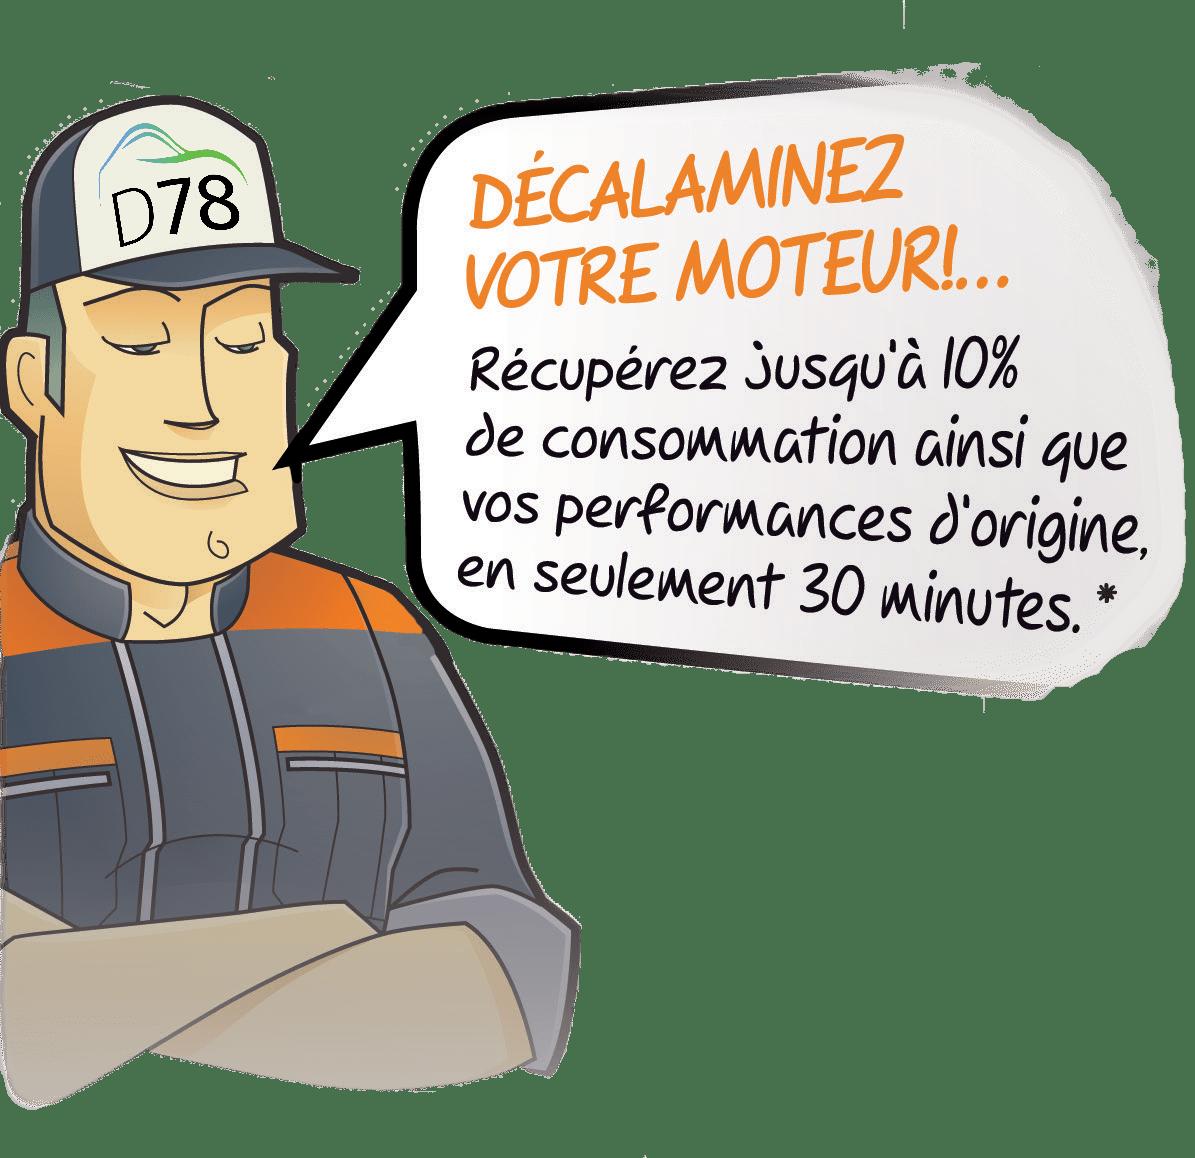 Personnage pour le décalaminage moteur